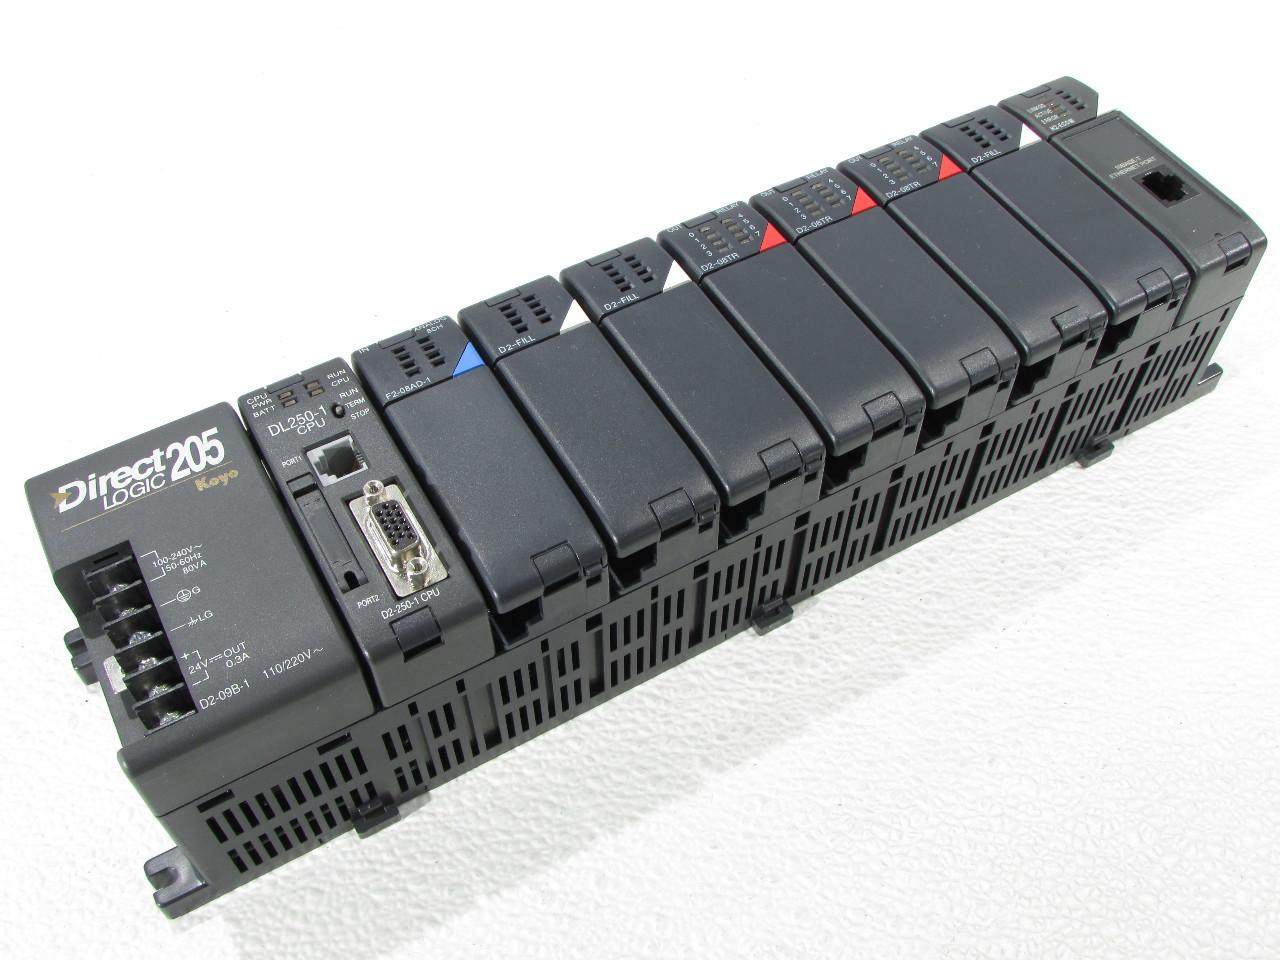 Details about * AUTOMATION DIRECT PLC DIRECT LOGIC 205 D2-09B-1 SLOT RACK  DL-250-1 F2-08AD-1 D